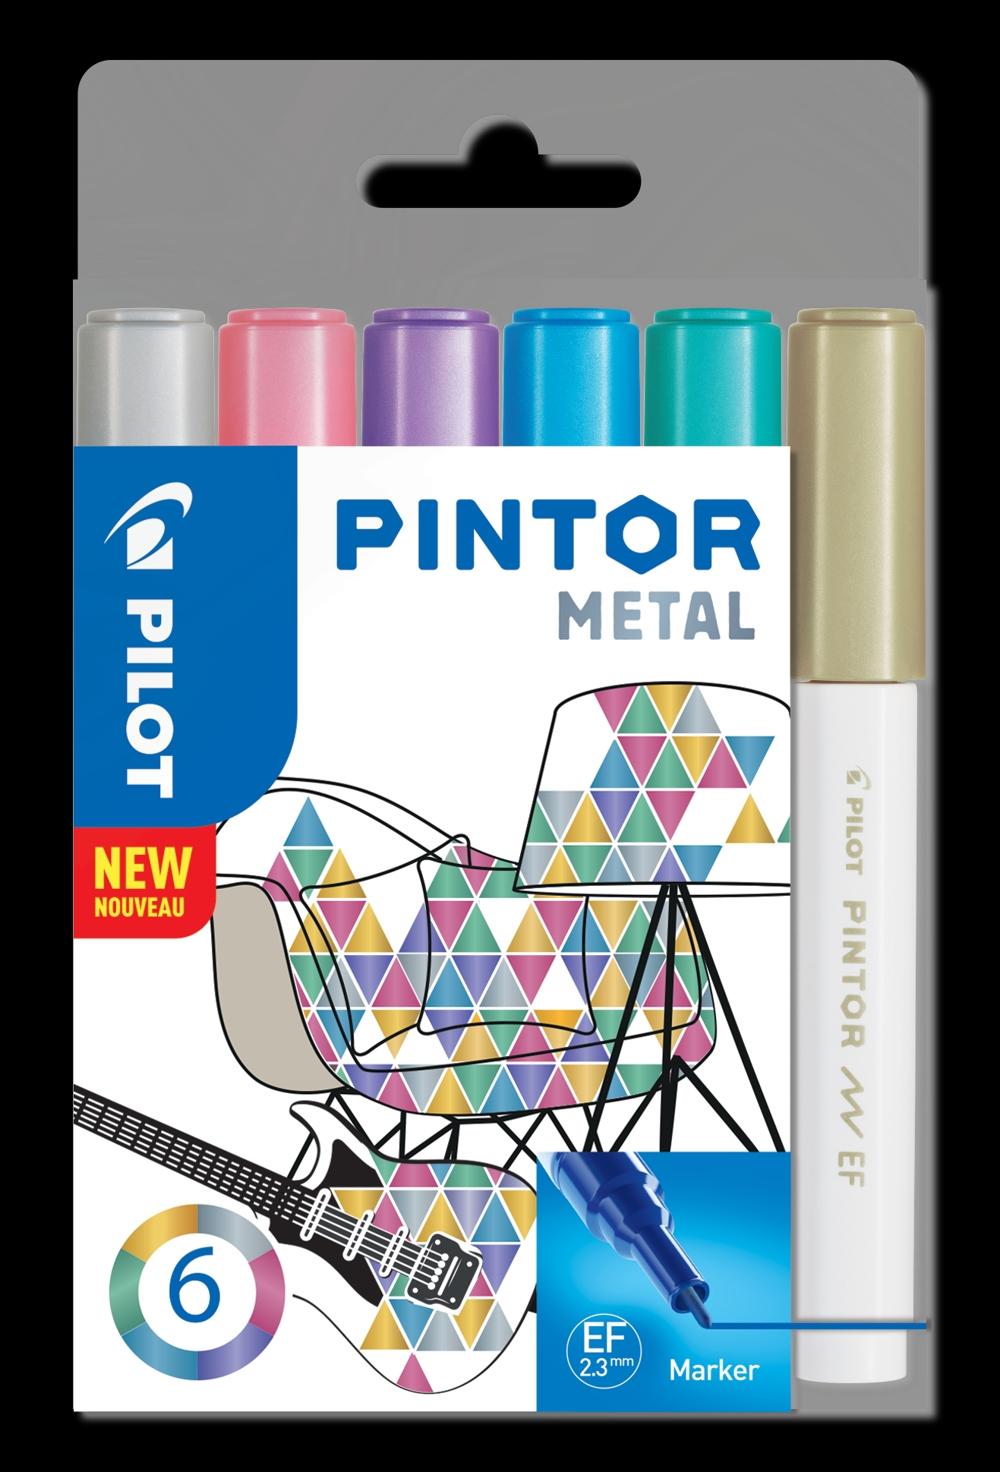 Mit Pintor von Pilot Pen lassen sich verschiedenste Oberflächen kreativ verzieren. Abbildung: Pilot Pen